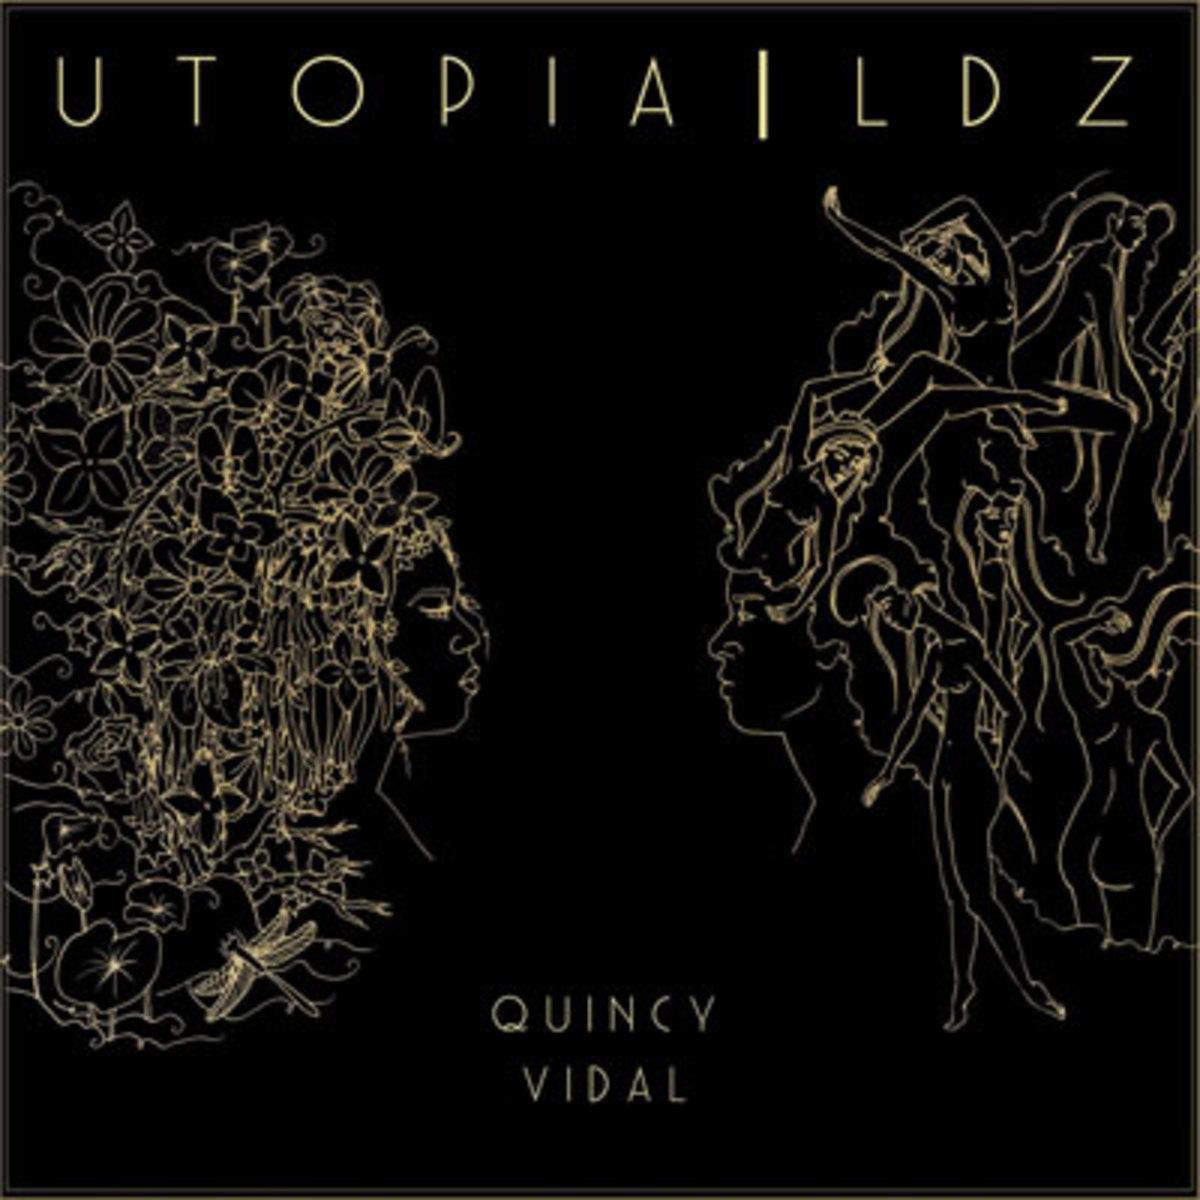 quincyvidal-utopia.jpg